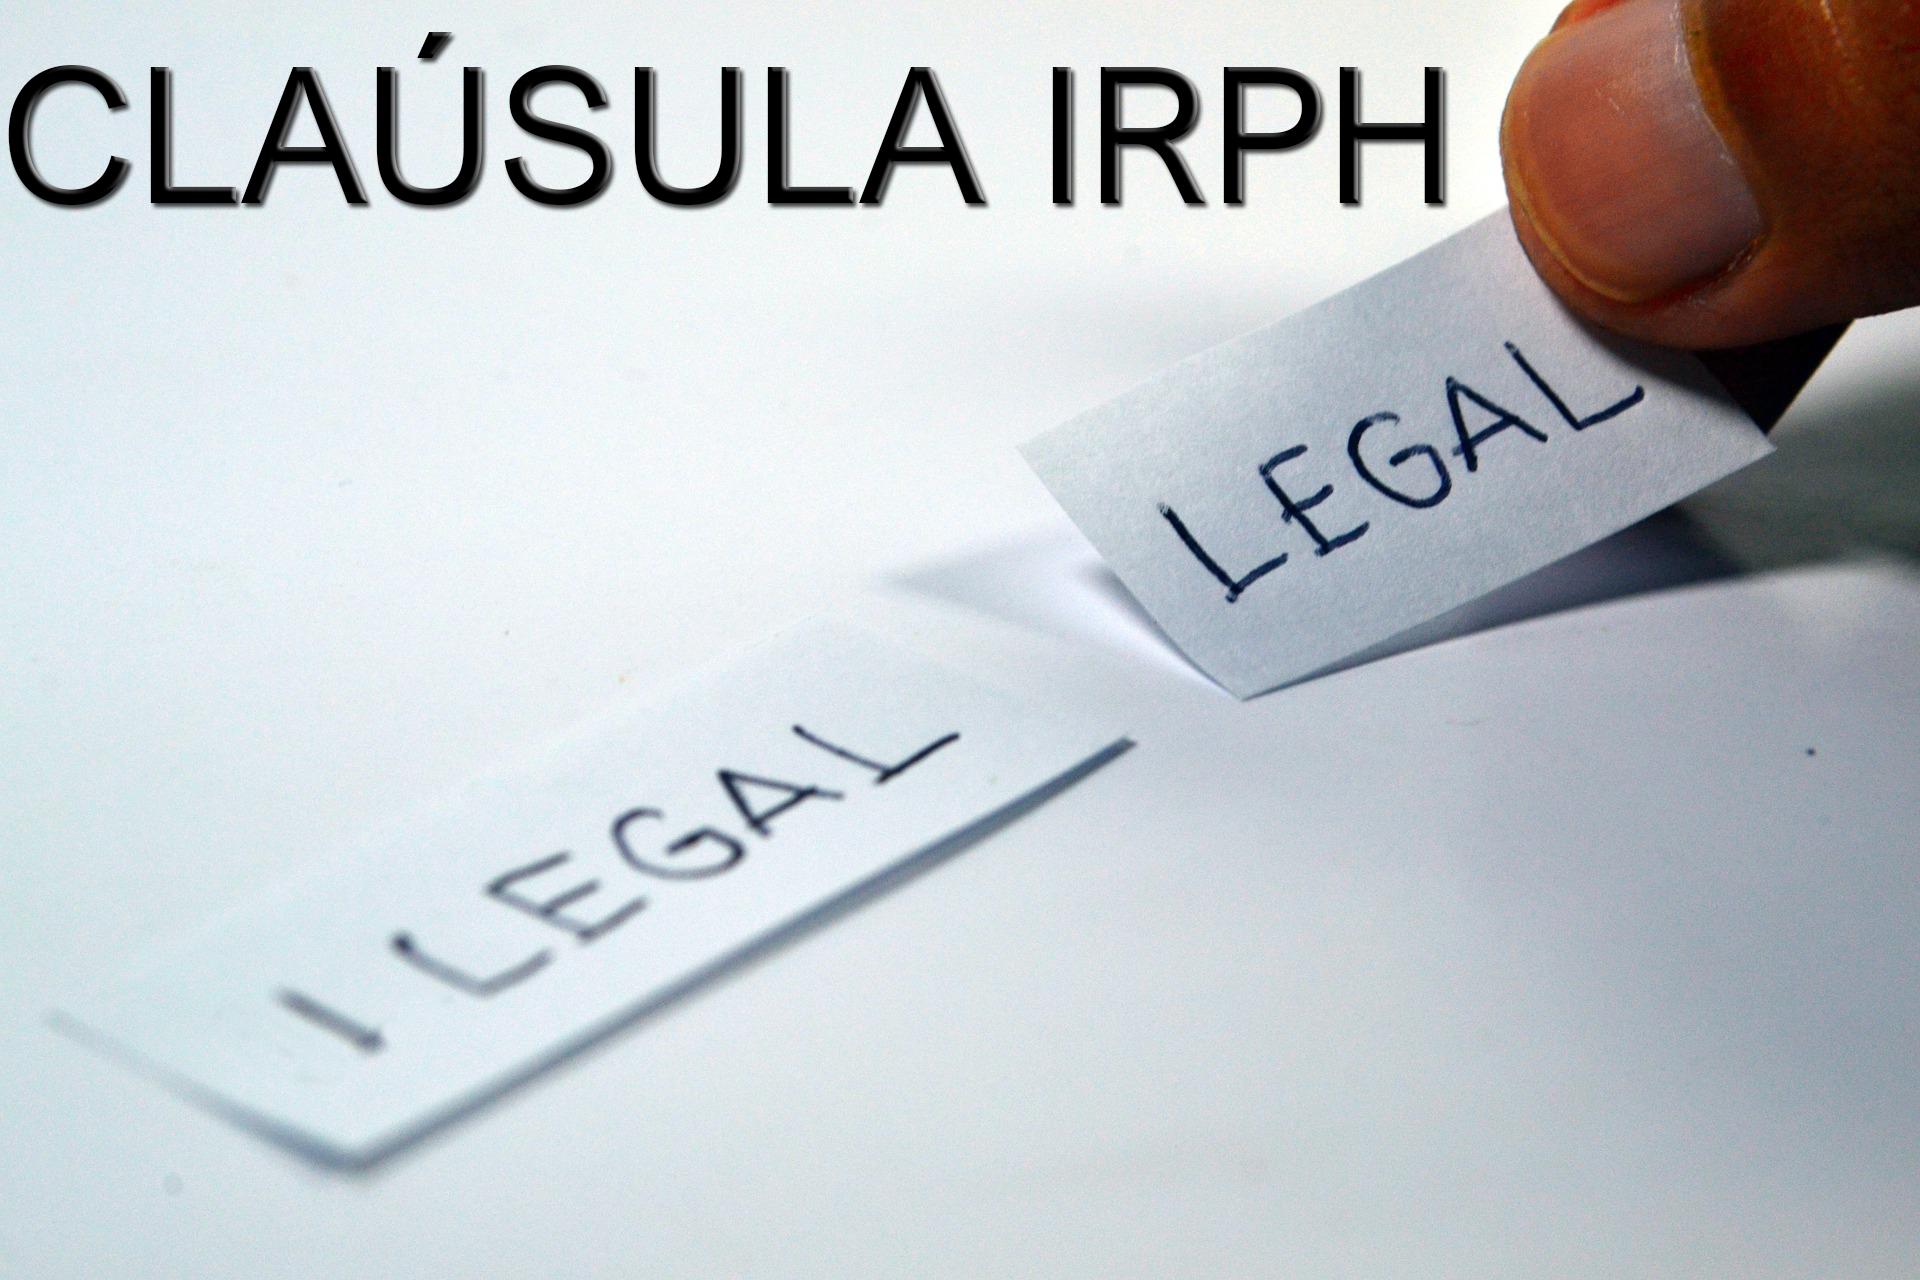 Situación judicial del IRPH después de la sentencia del TJUE